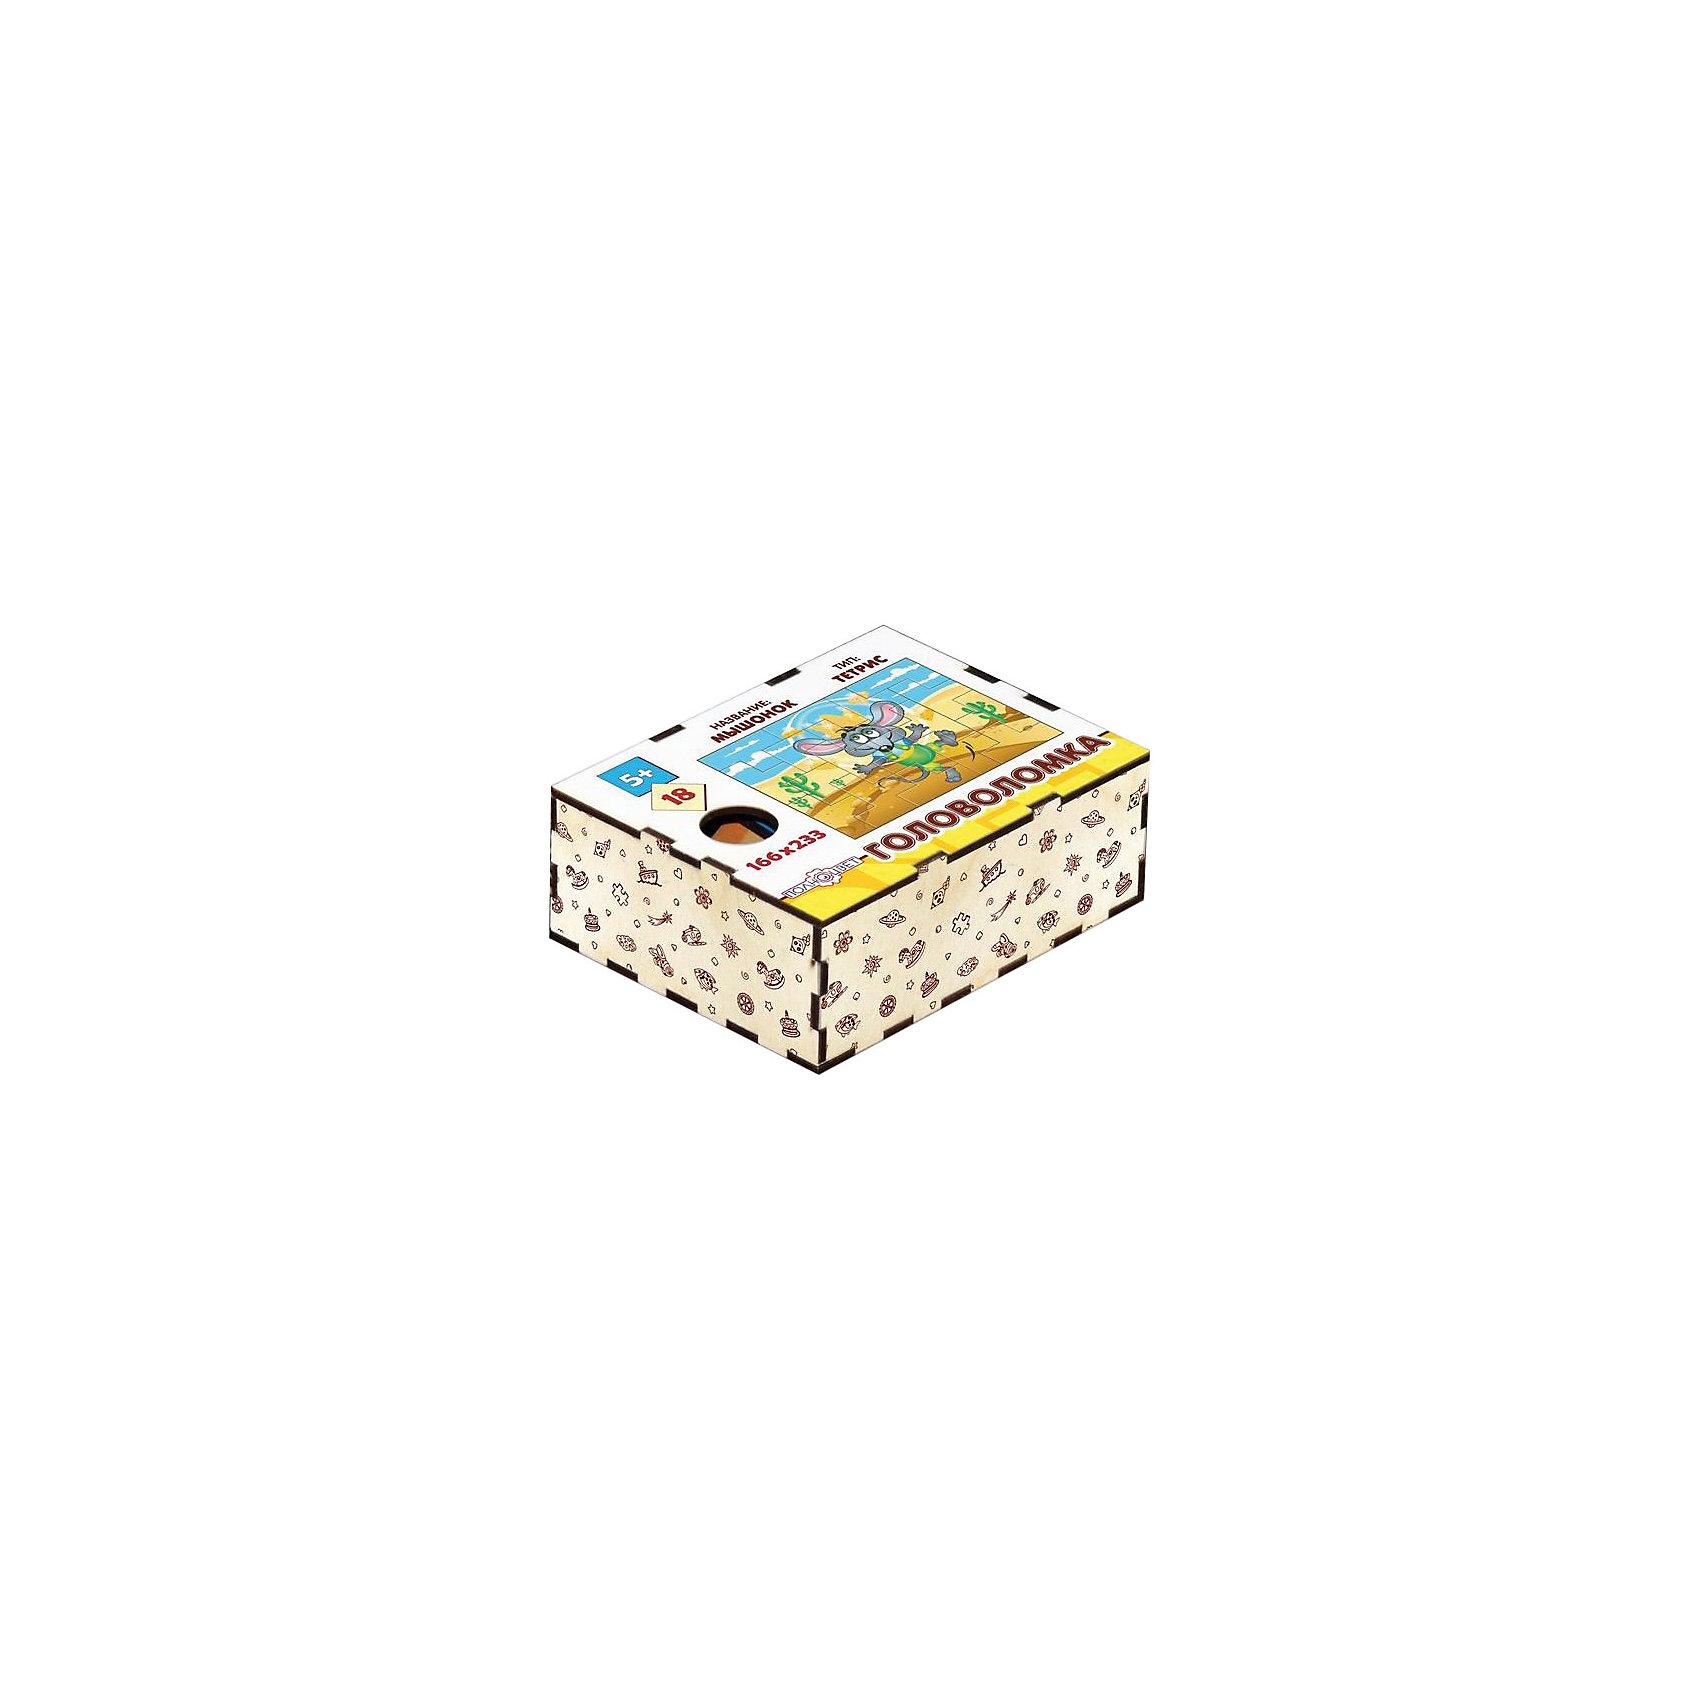 Головоломка Тетрис.Мышонок, ПолноцветДеревянные головоломки<br>Деревянные головоломки с высококачественной печатью. Высокий срок службы и устойчивость к нагрузкам.  Рекомендовано для детских садов и центров, а также для домашнего использования.<br>1.    Головоломки сделаны из натурального дерева.<br>2.    Точная лазерная резка.<br>3.    Высококачественная печать.<br>4.    Прочность и долговечность.<br>5.    Экологичность и безопасность.<br>6.    Рекомендовано для детского развития. Размер: 166х233х3мм<br><br>Ширина мм: 30<br>Глубина мм: 230<br>Высота мм: 170<br>Вес г: 150<br>Возраст от месяцев: 36<br>Возраст до месяцев: 2147483647<br>Пол: Унисекс<br>Возраст: Детский<br>SKU: 7025971